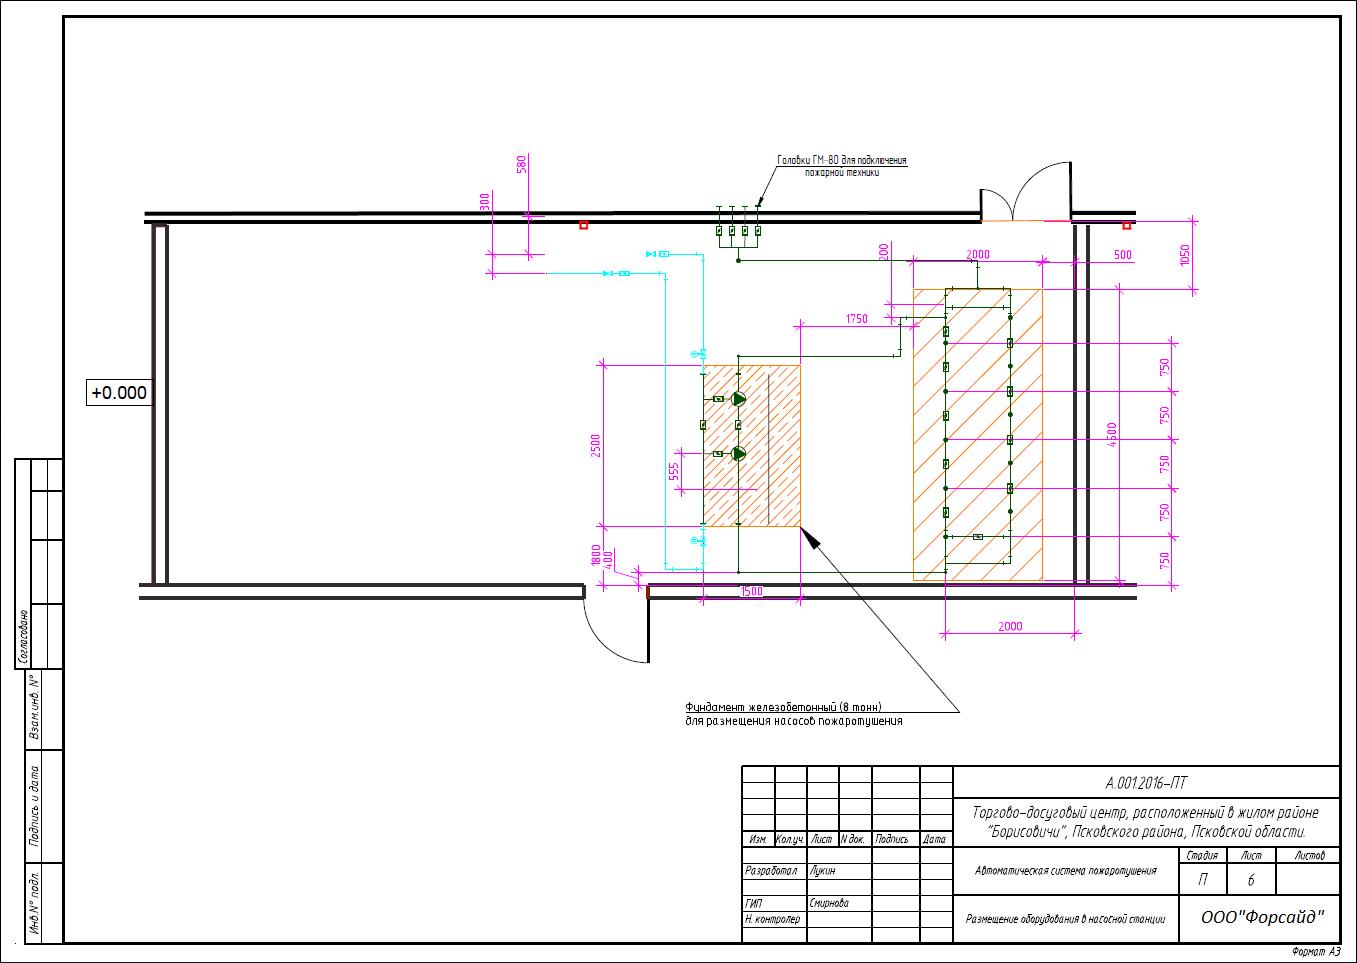 Проектируем спринклерную систему пожаротушения - 20